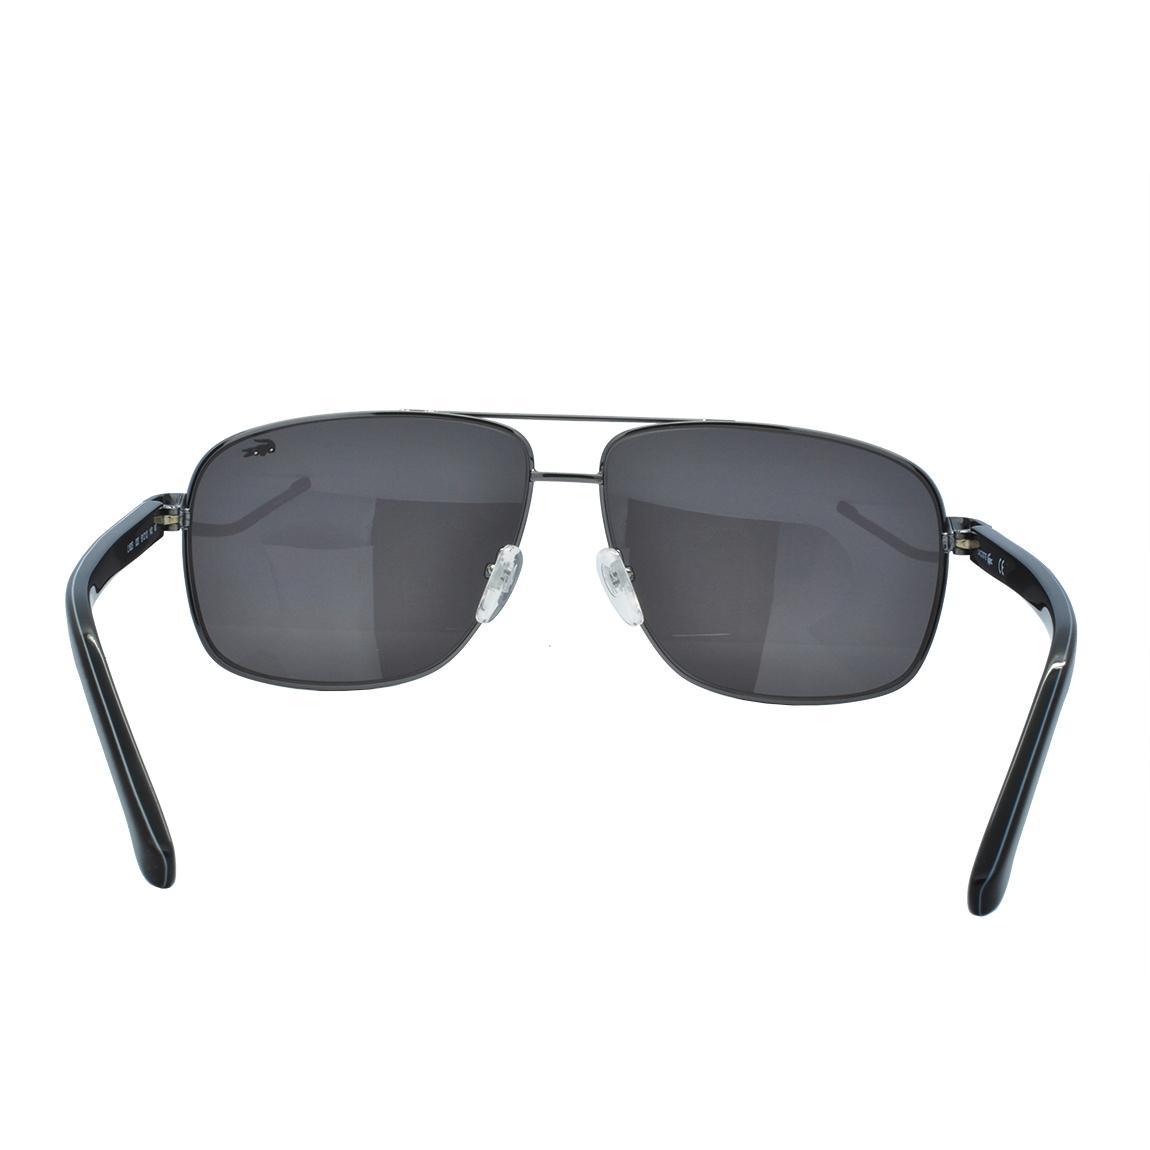 1615c0a0191c5 Óculos de Sol Lacoste Masculino L162S 033 - Metal Preto R  729,00 à vista.  Adicionar à sacola